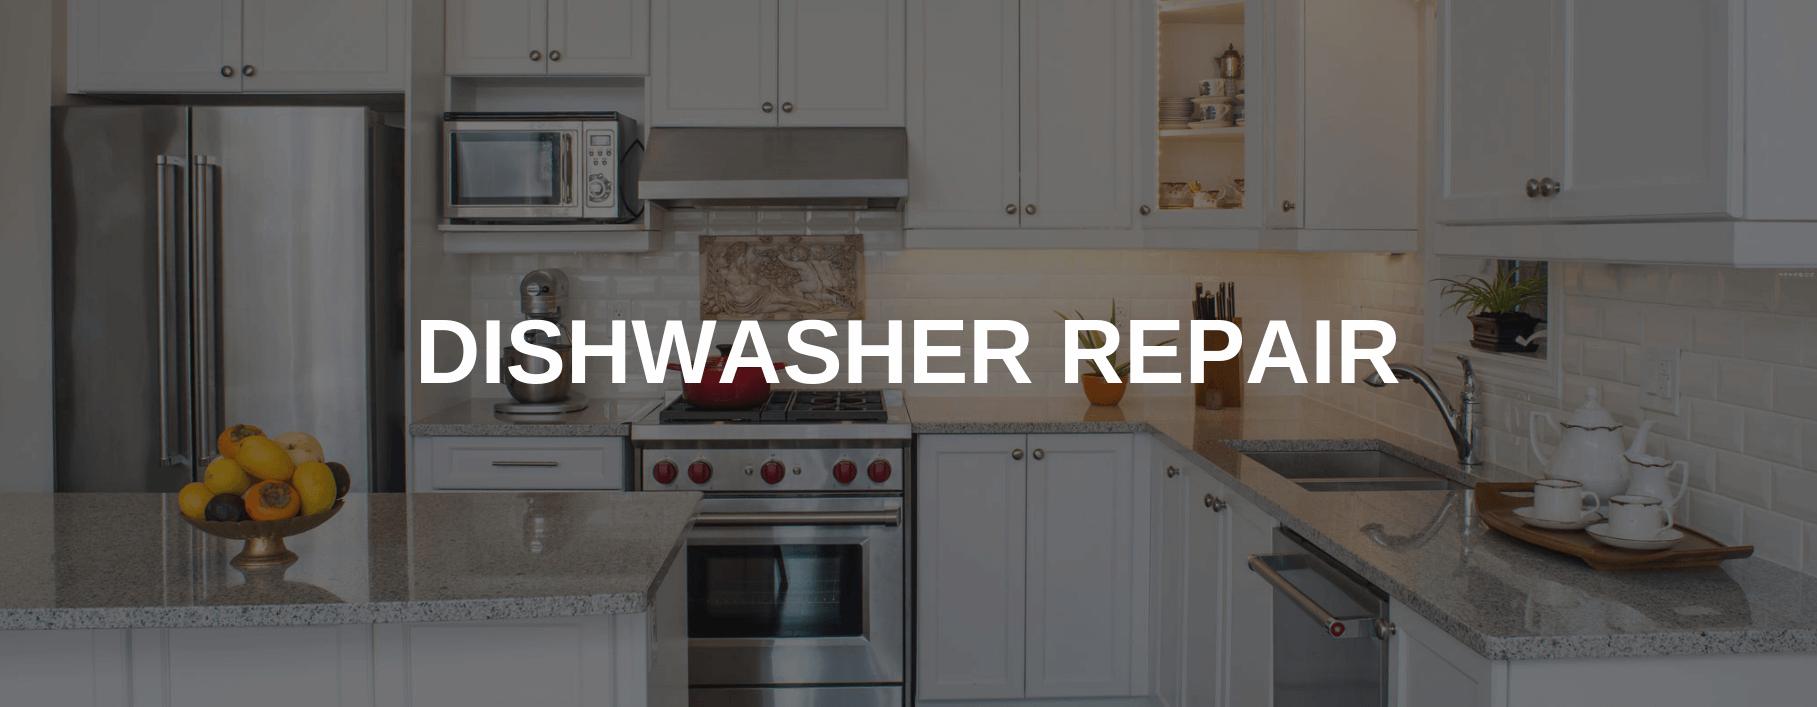 Dishwasher Repair Parma Oh 216 820 9661 Prime Parma